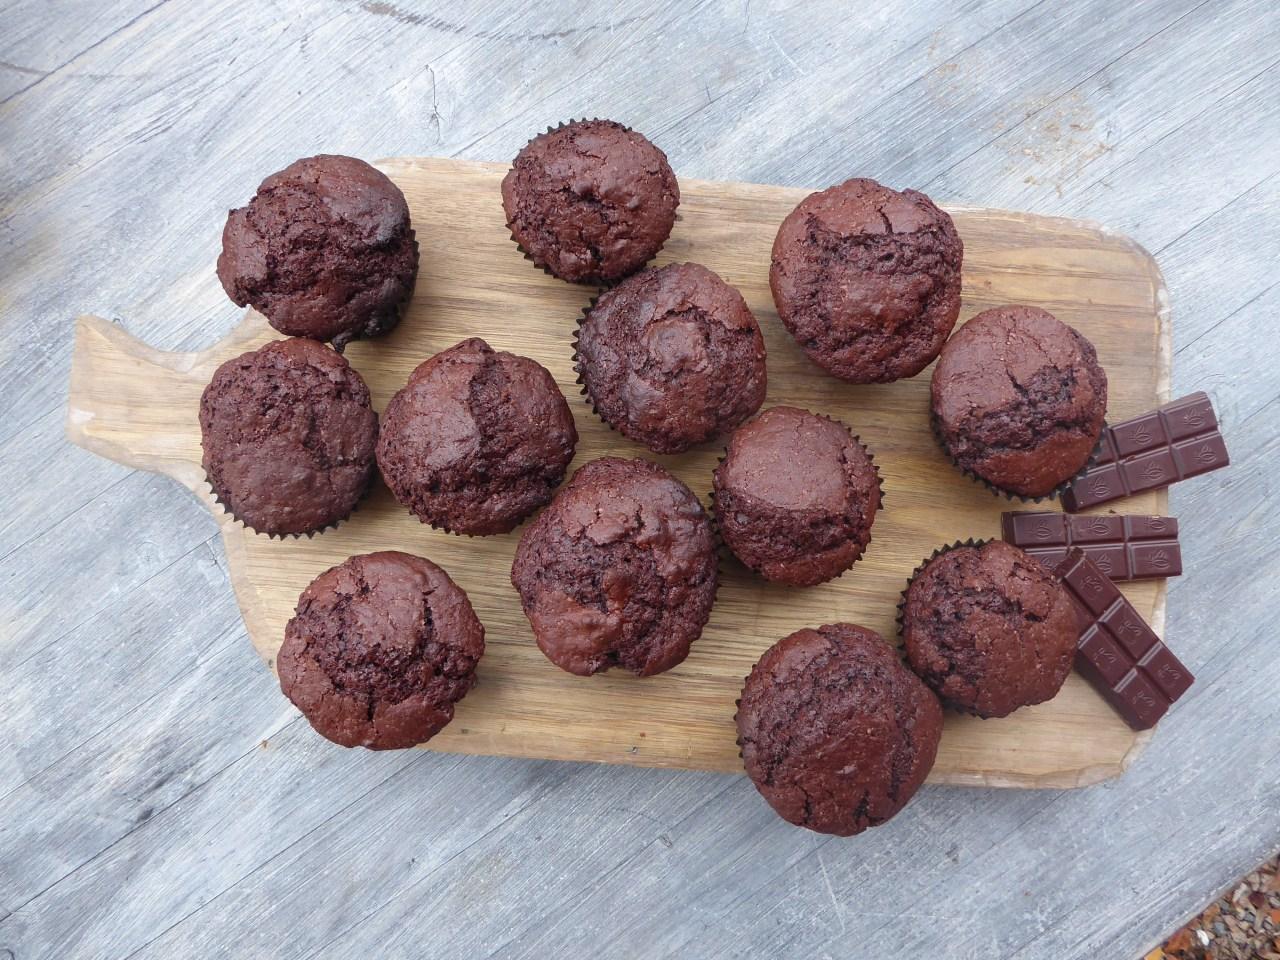 glutenfrie sjokolade muffins